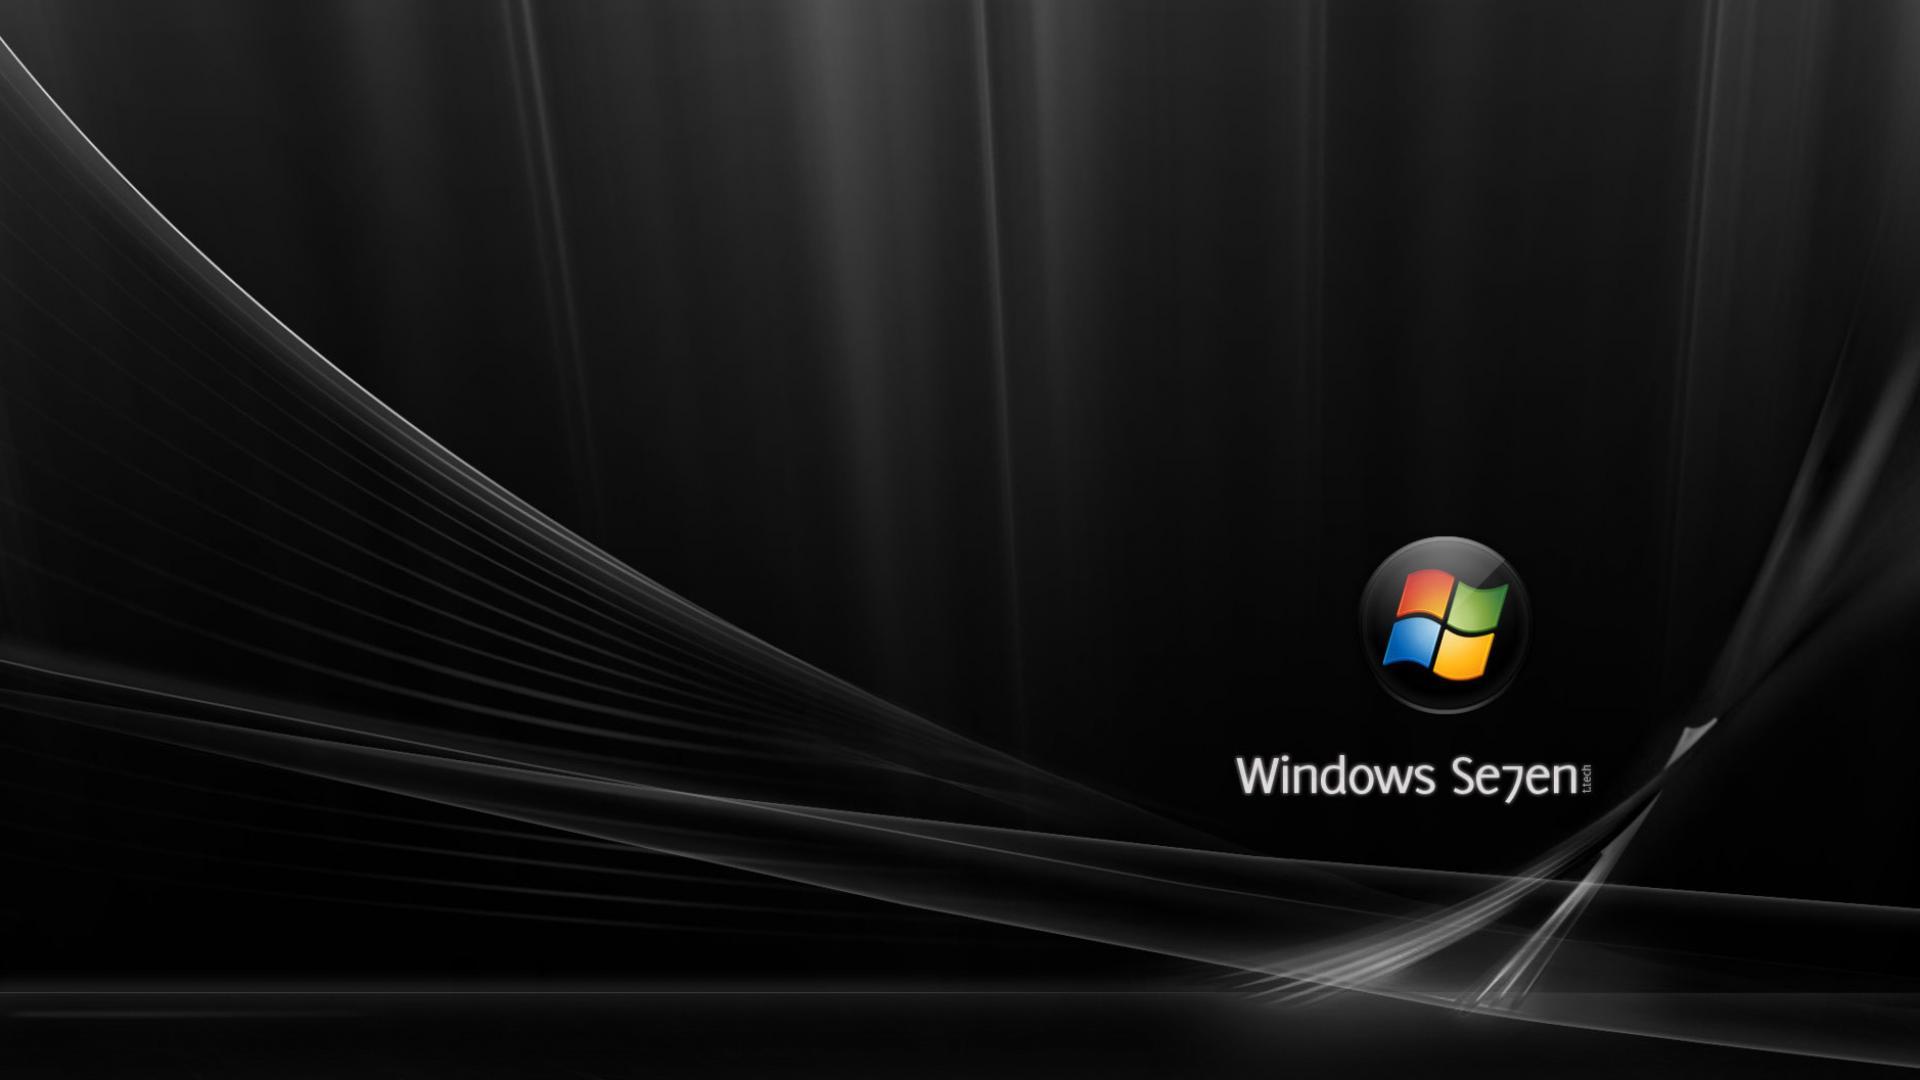 Скачать анимированные обои на рабочий стол для windows 7 новый год.